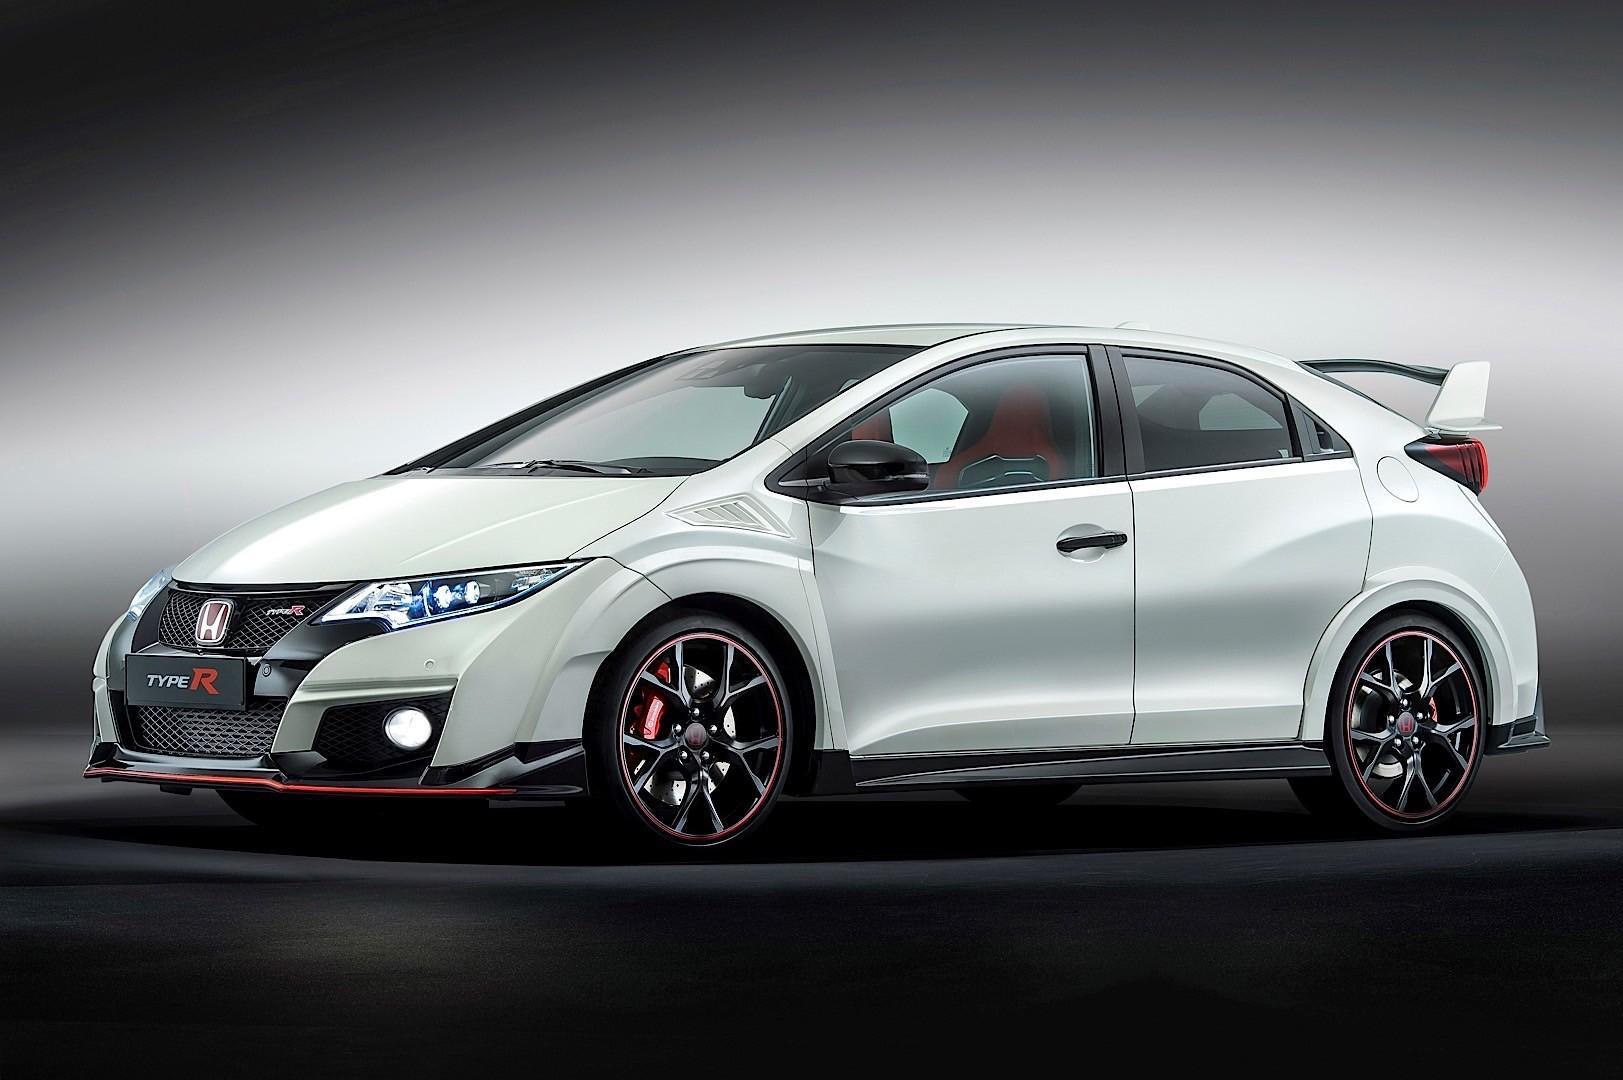 Kelebihan Kekurangan Honda Civic Typer Perbandingan Harga